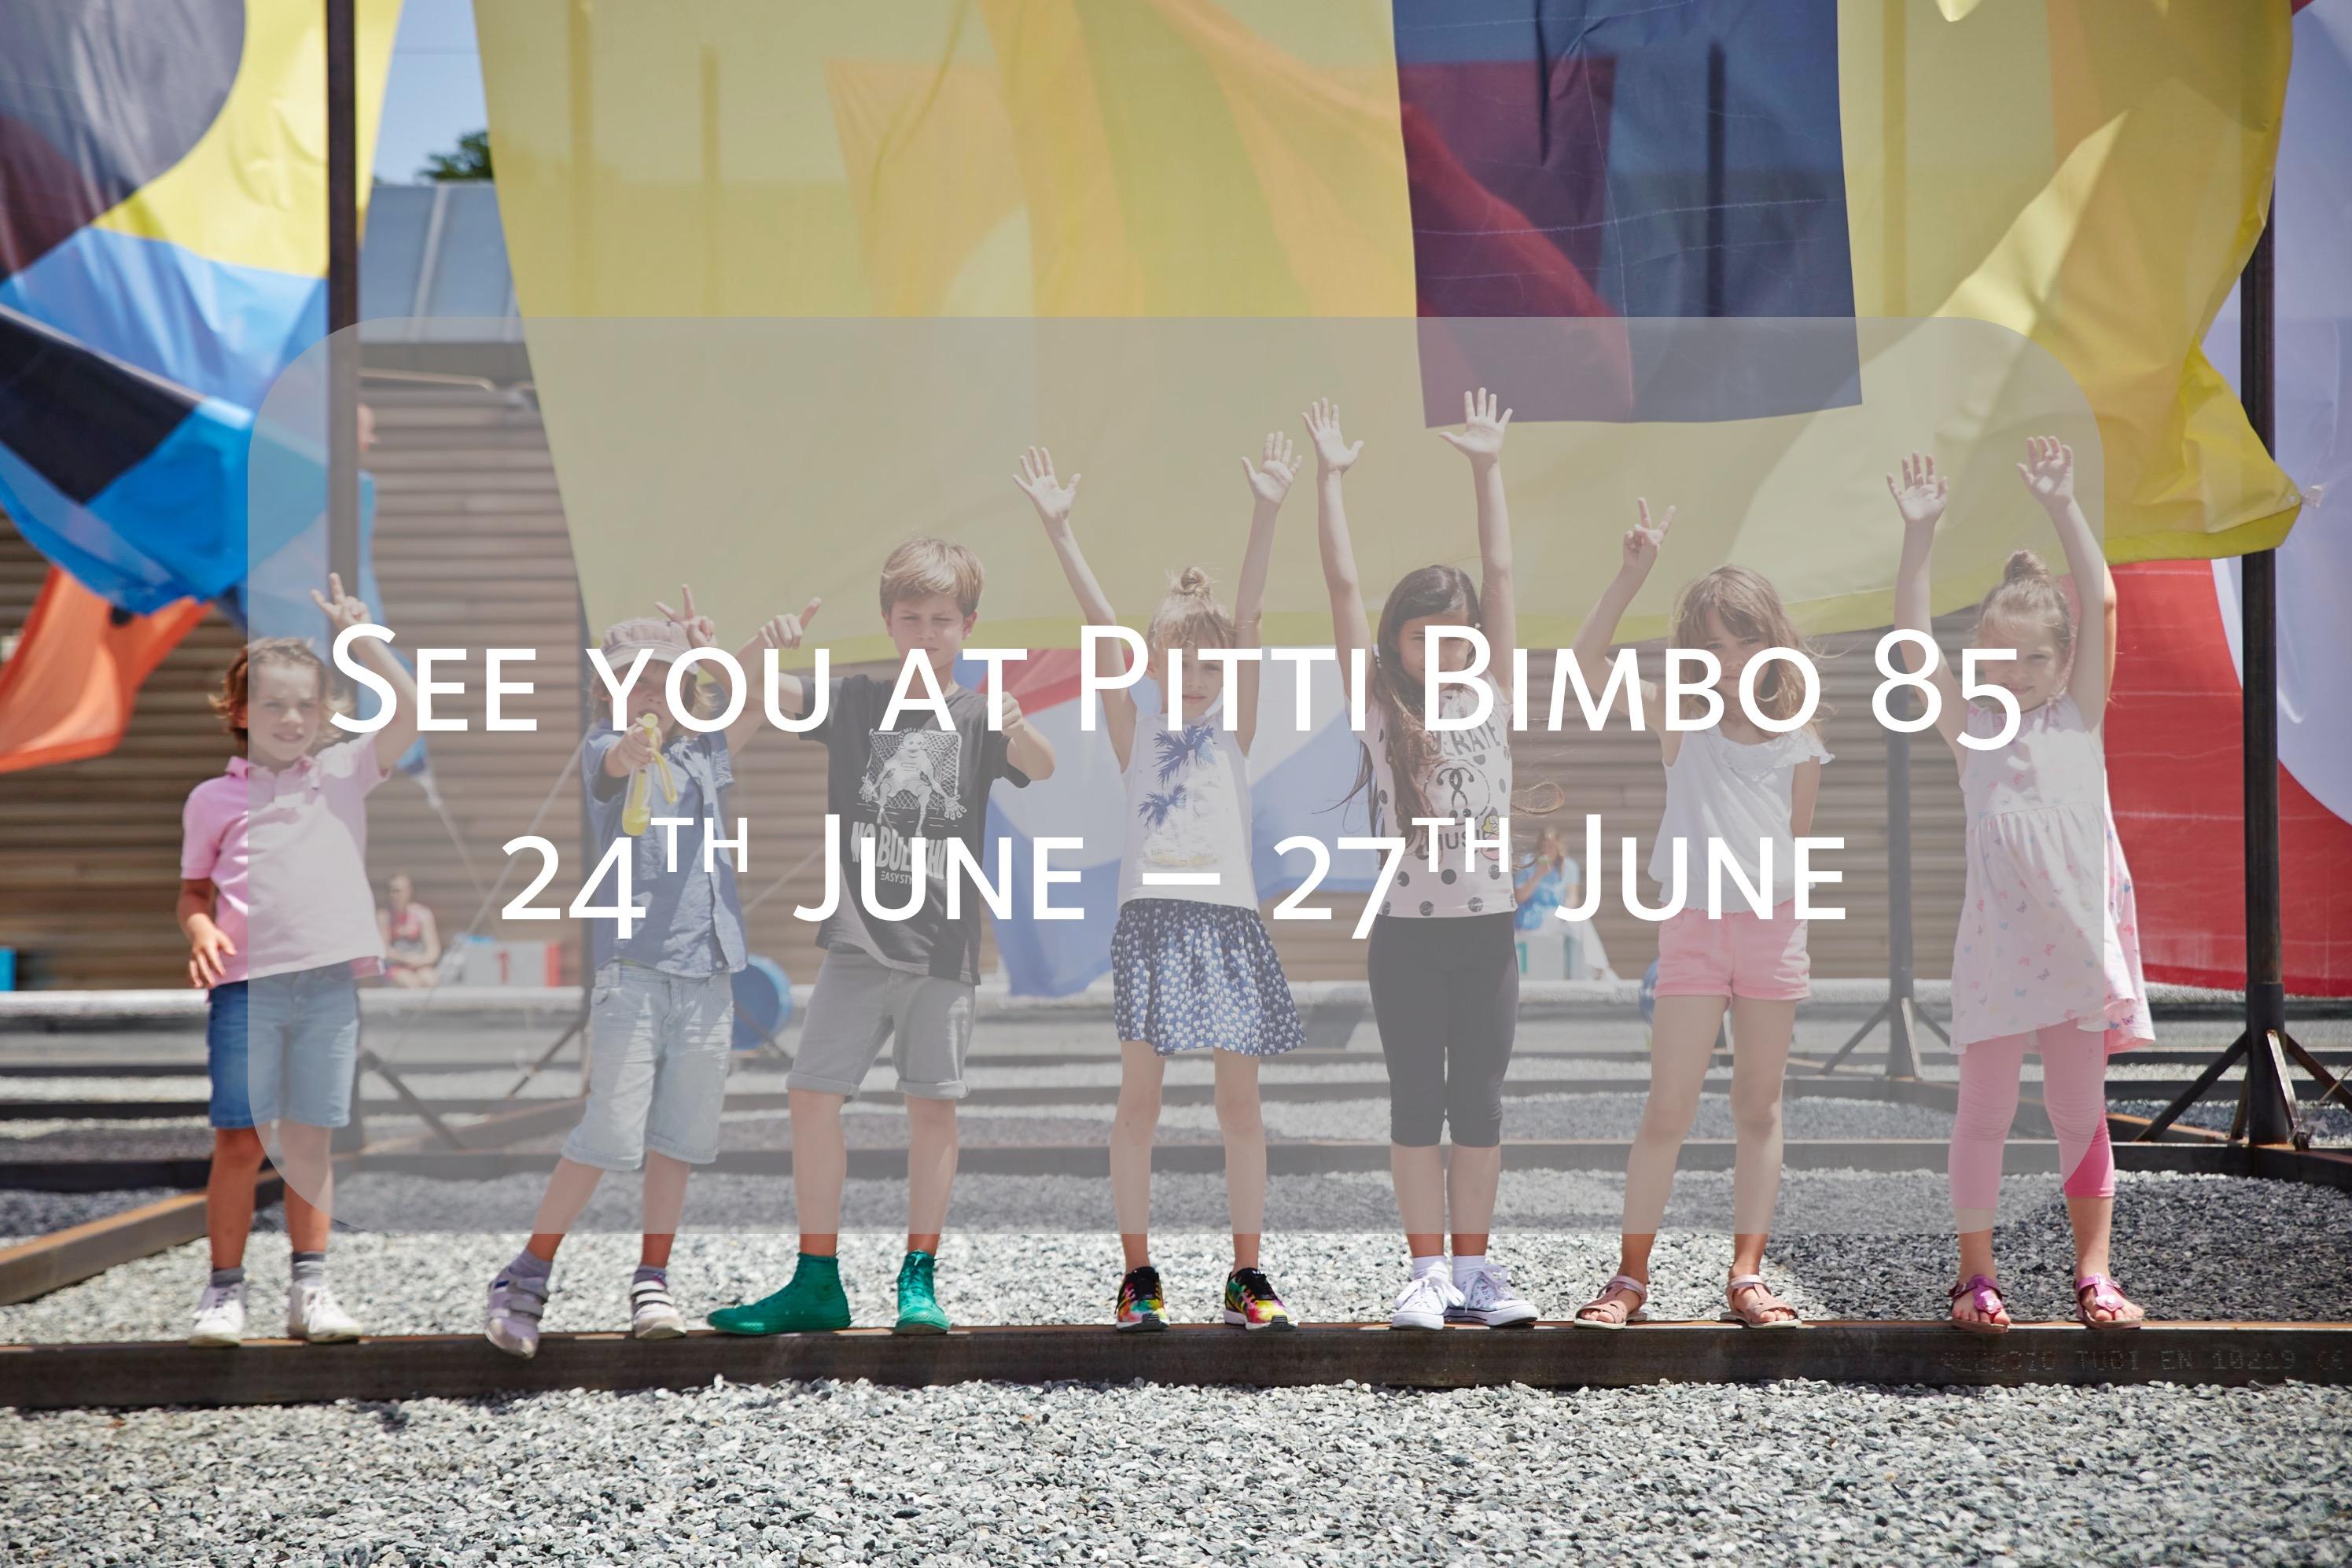 Pitti-85-Invite